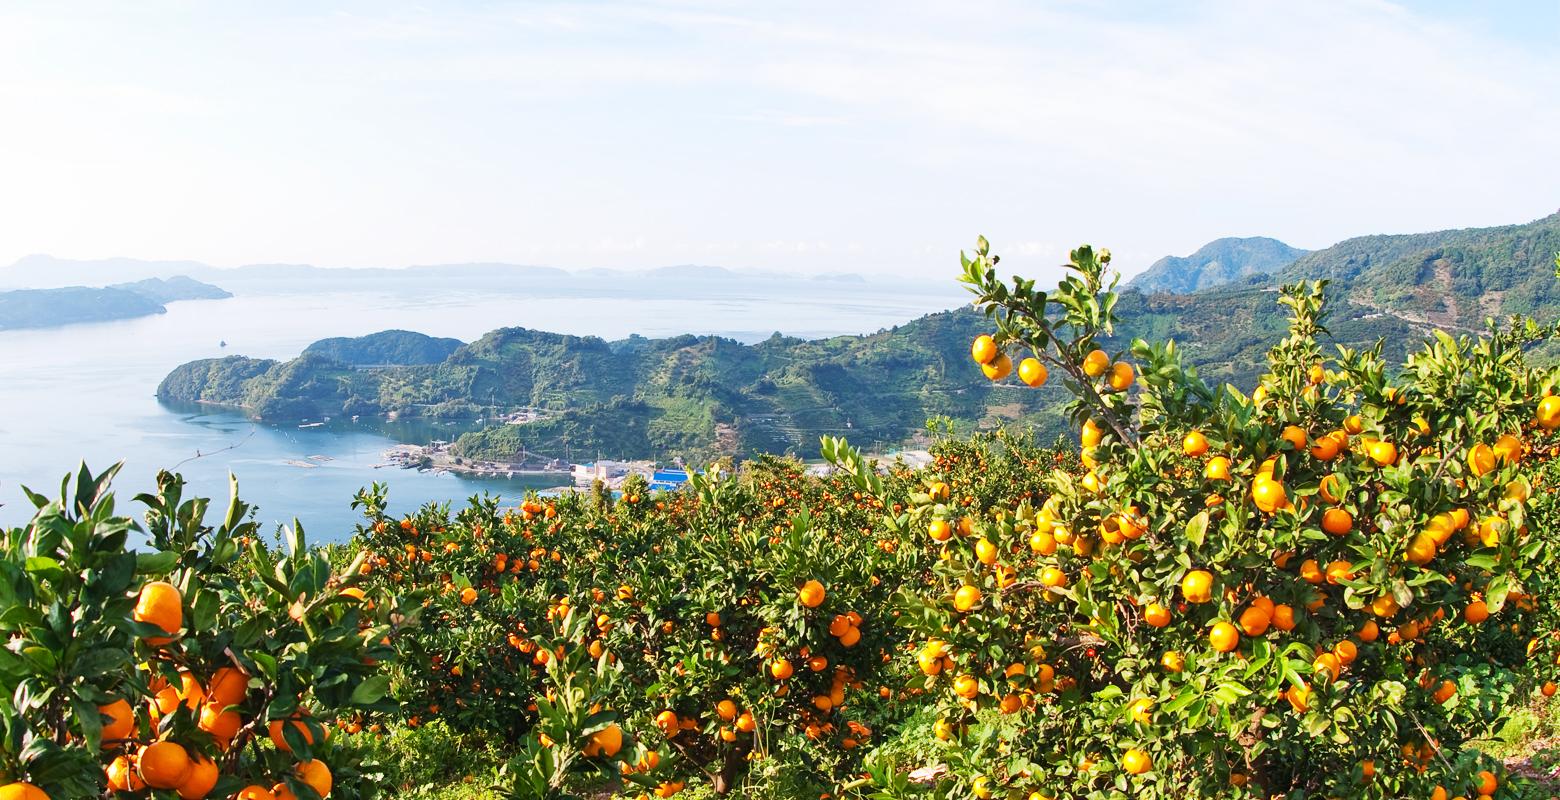 Oranges / Rias coast and oranges